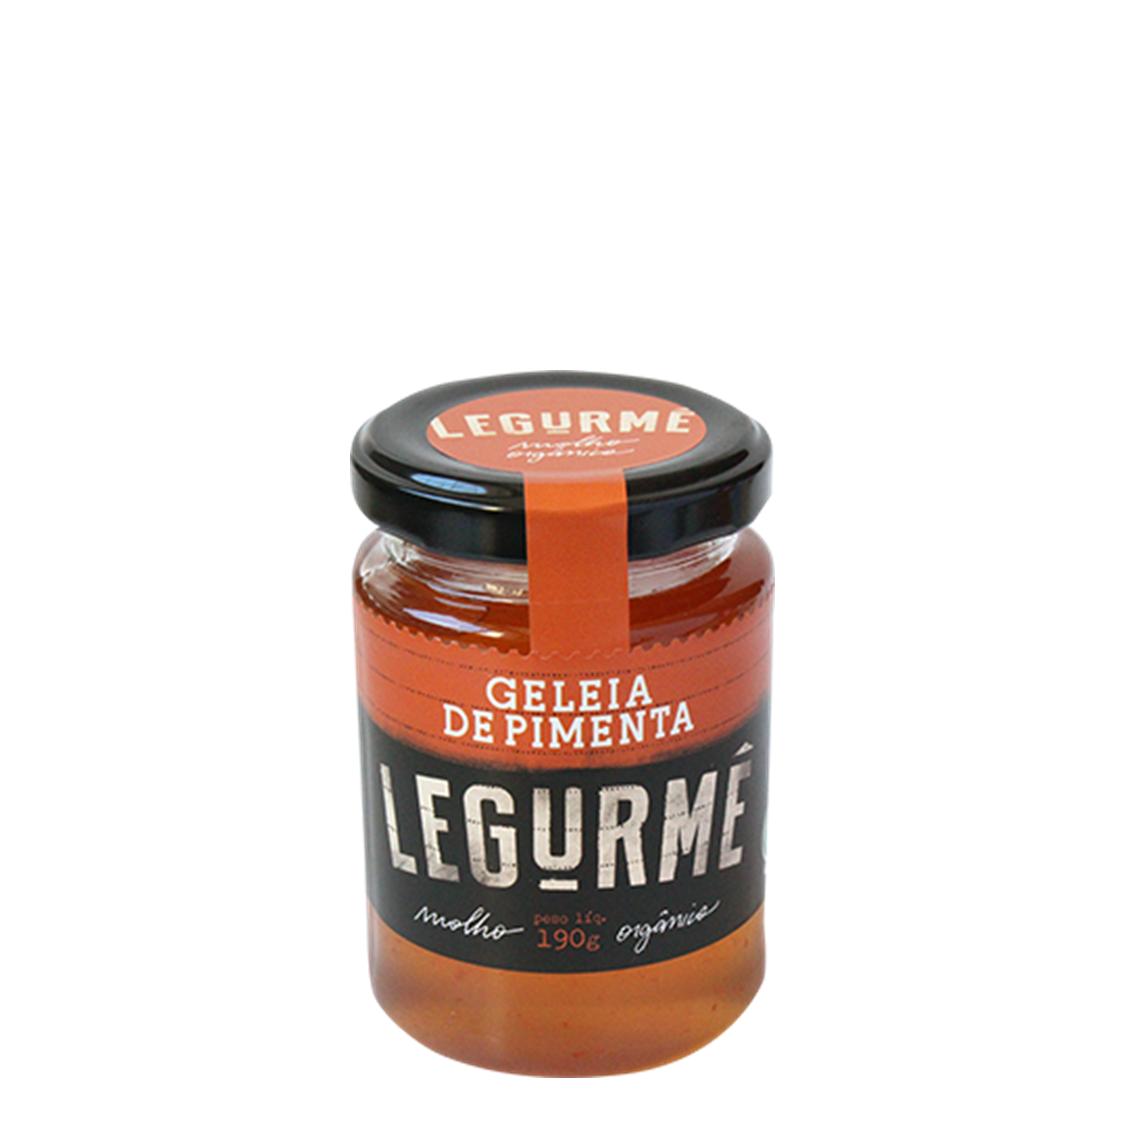 Geleia de Pimenta (190g) – Legurmê